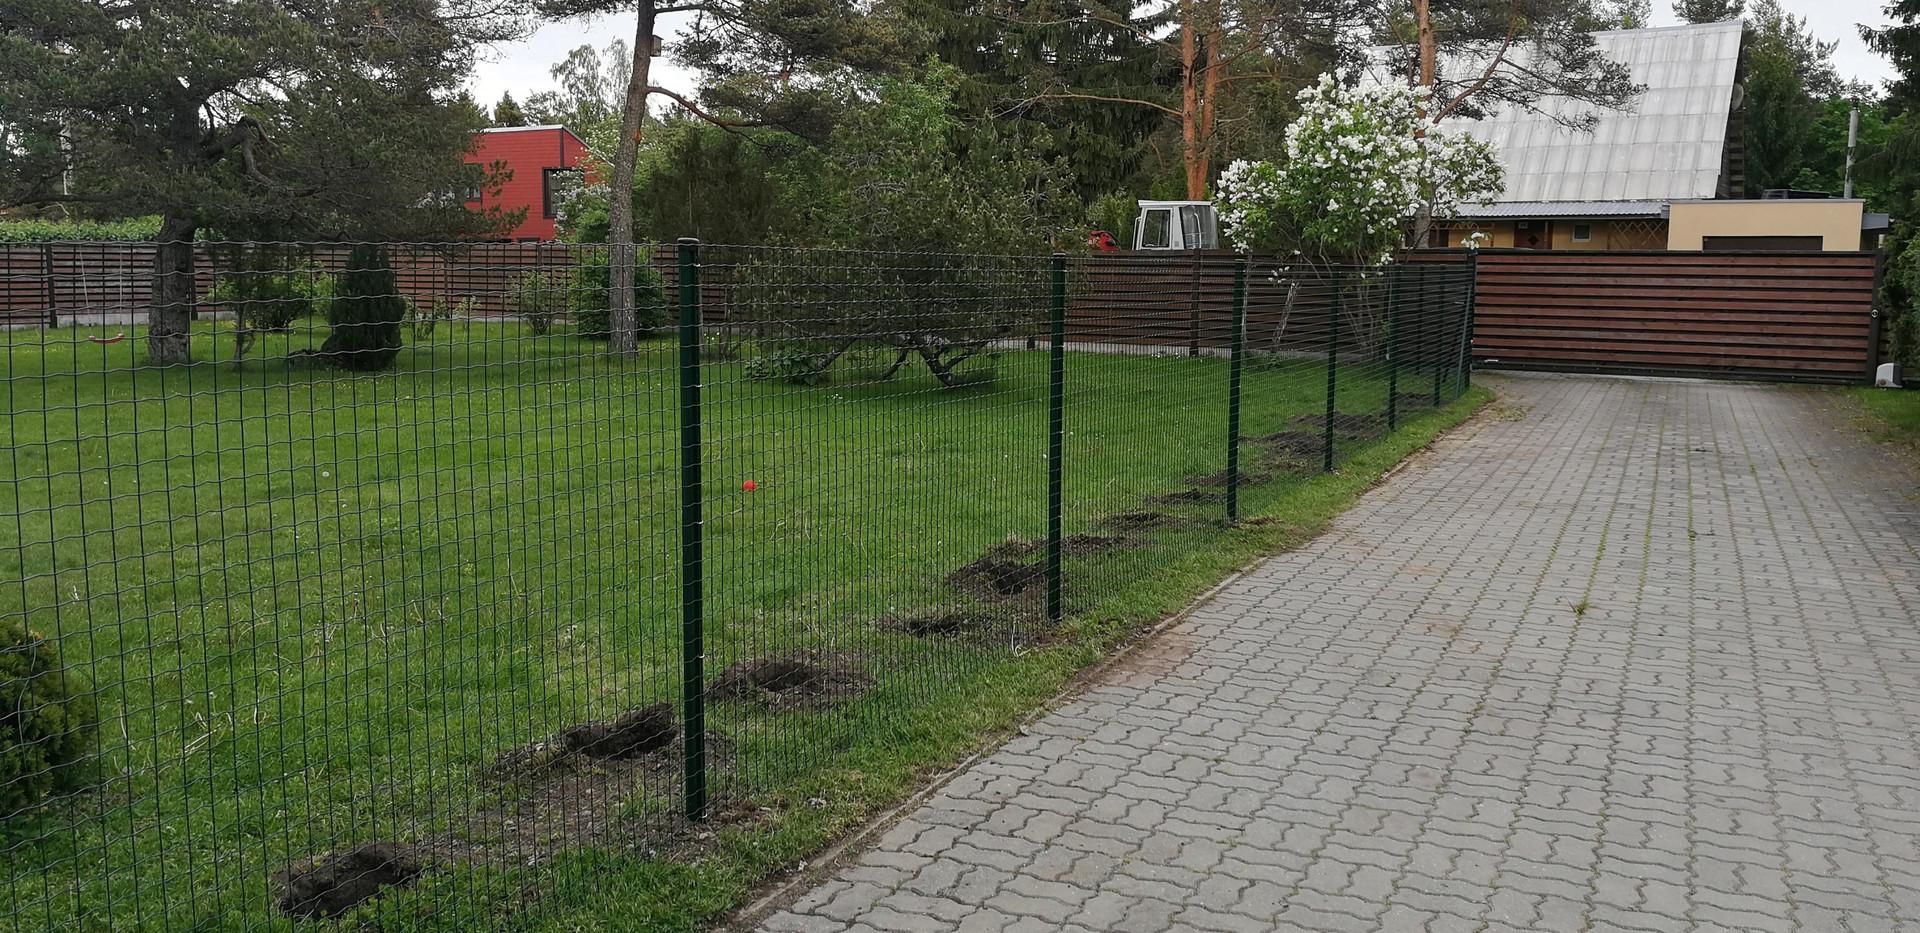 Keevisvõrk aed Türisalu (7).jpg